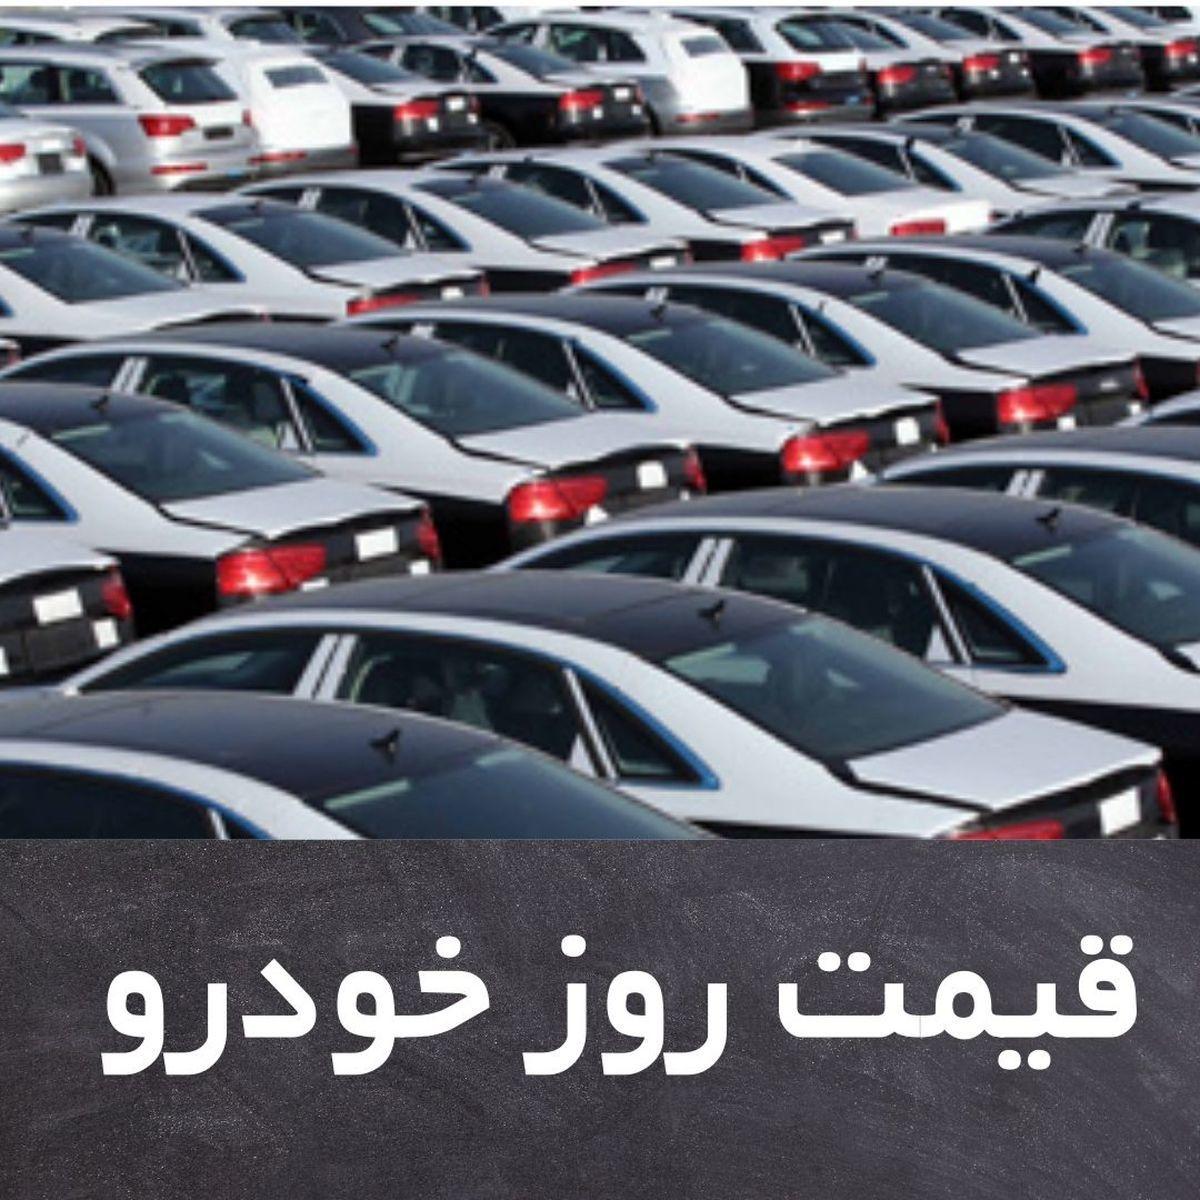 قیمت روز خودرو سه شنبه 21 بهمن + جدول